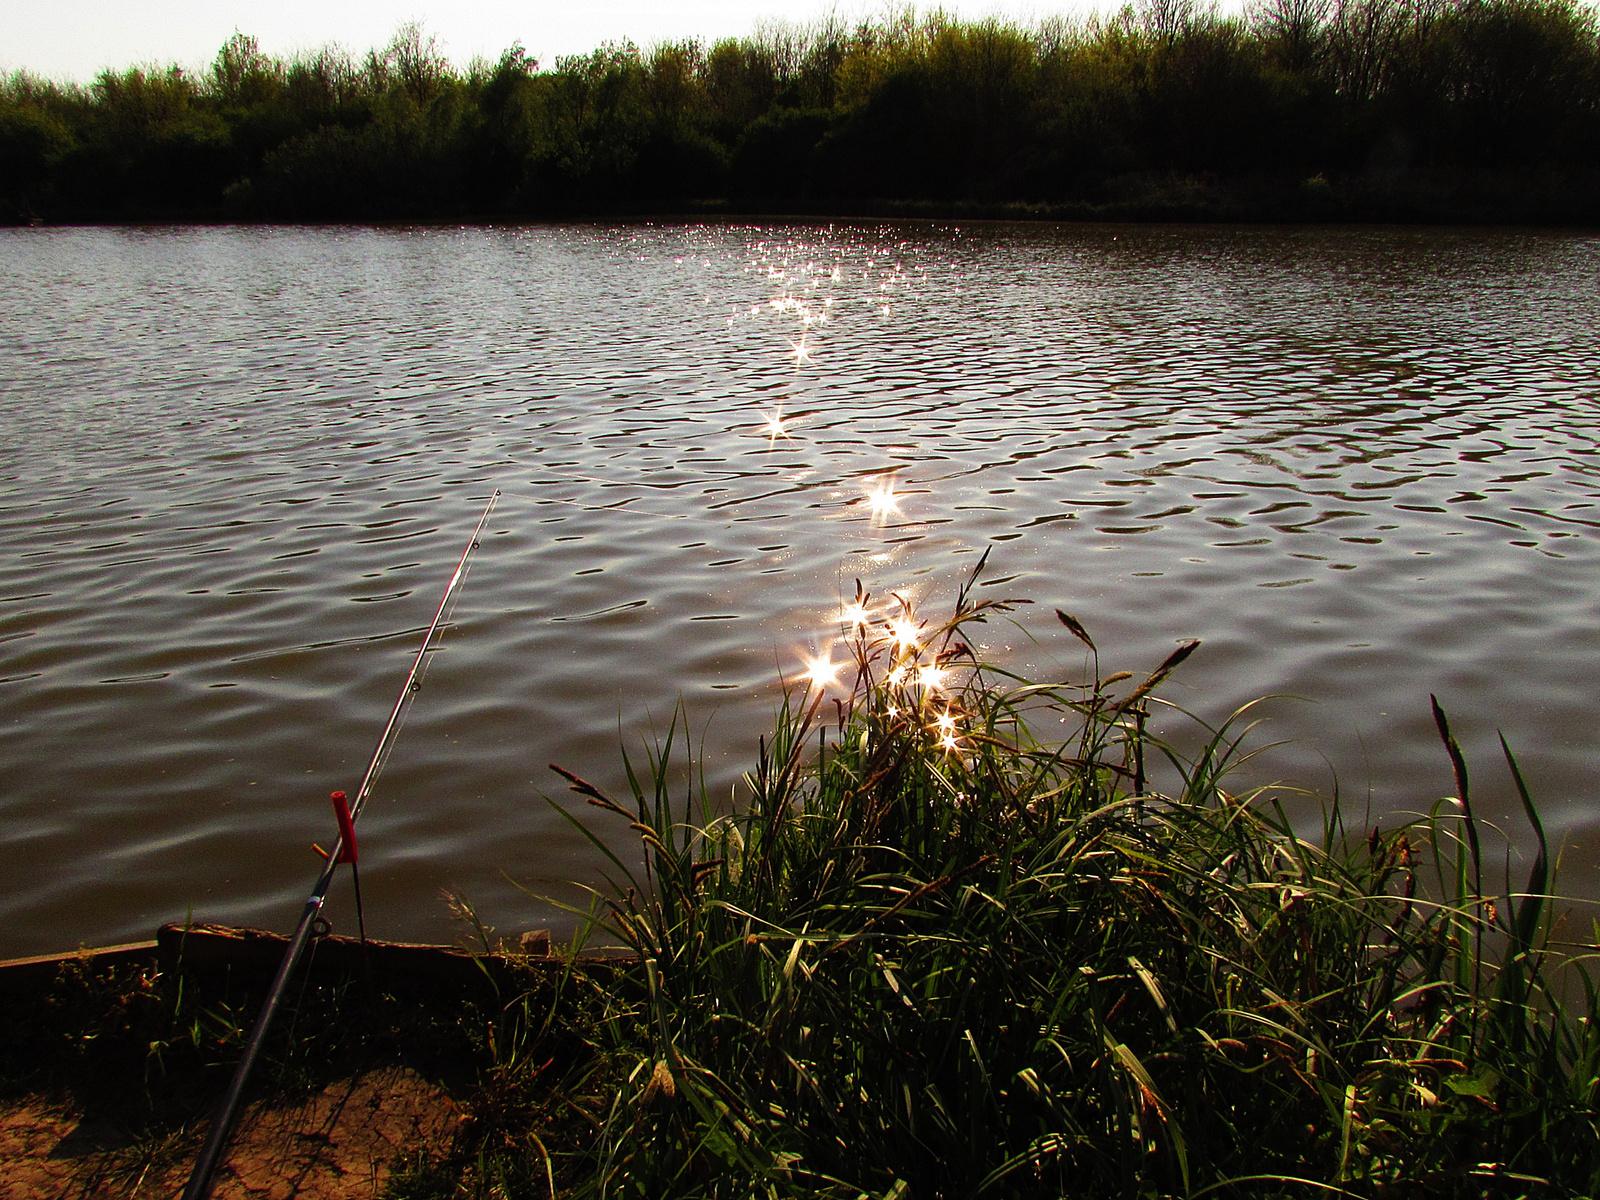 csillagok a tóban